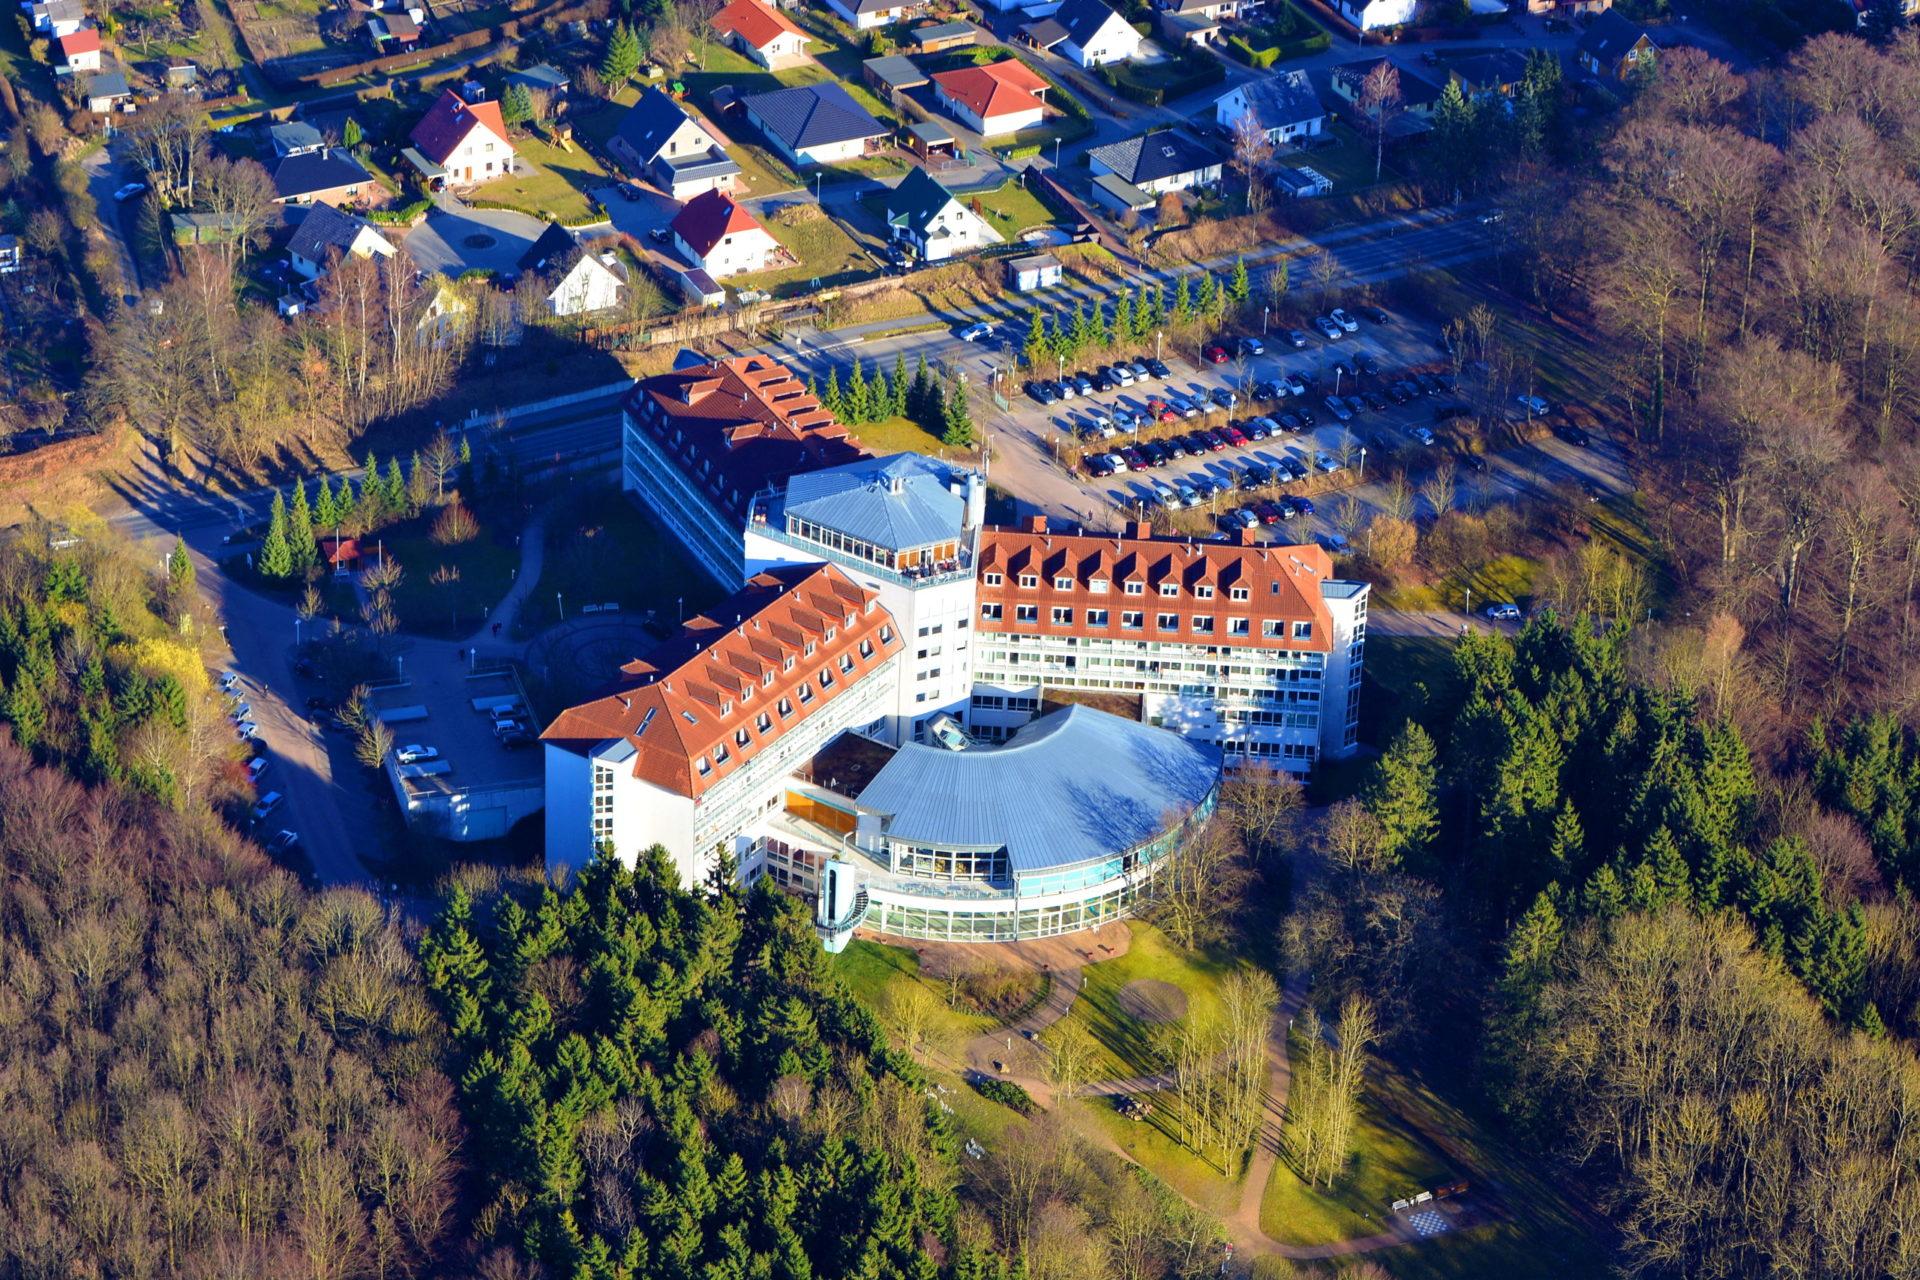 Luftbild von der Dr.-Ebel-Klinik Moorbad Bad Doberan